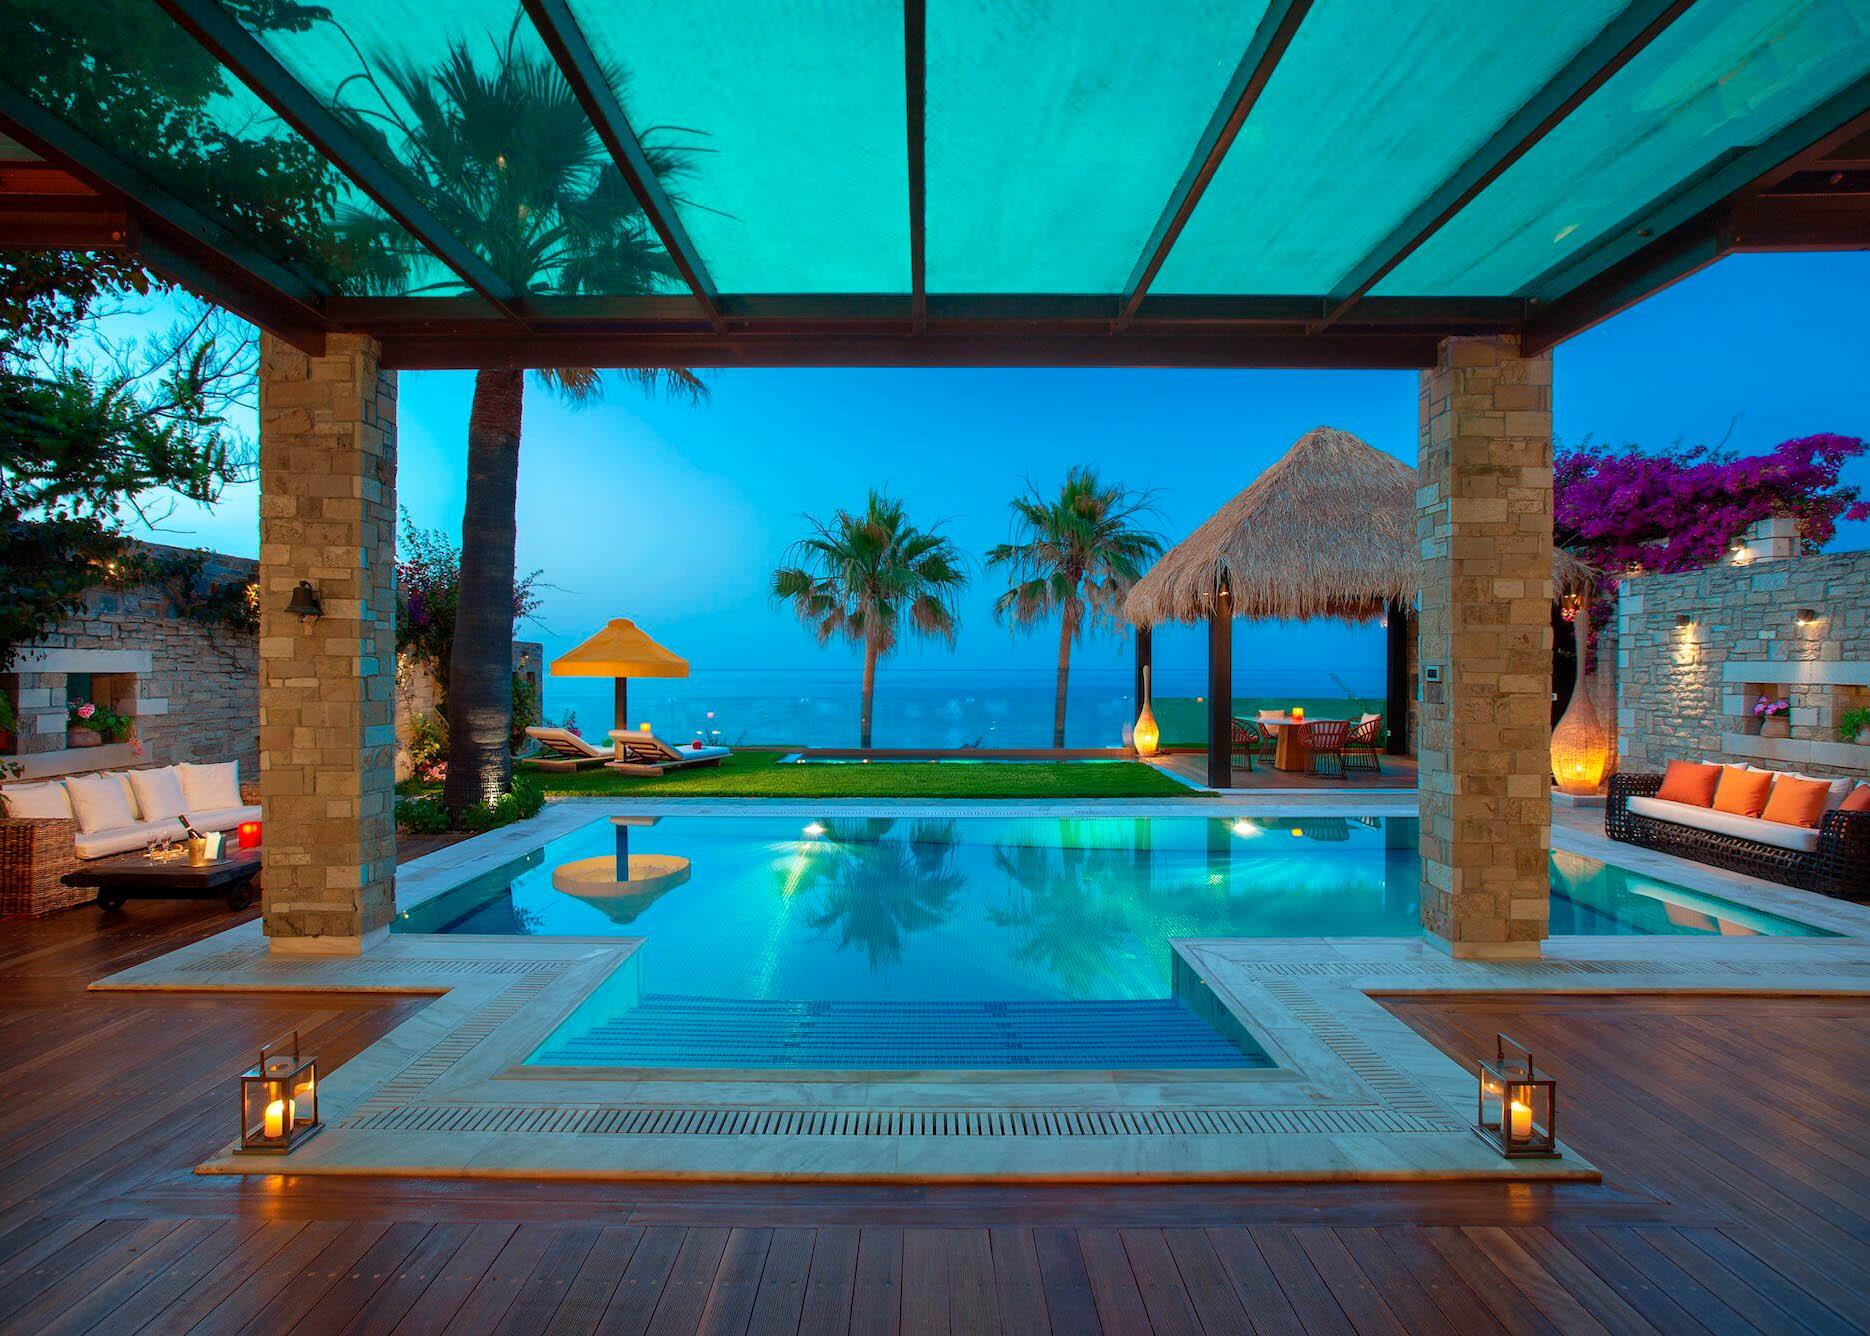 Royal spa villa outside